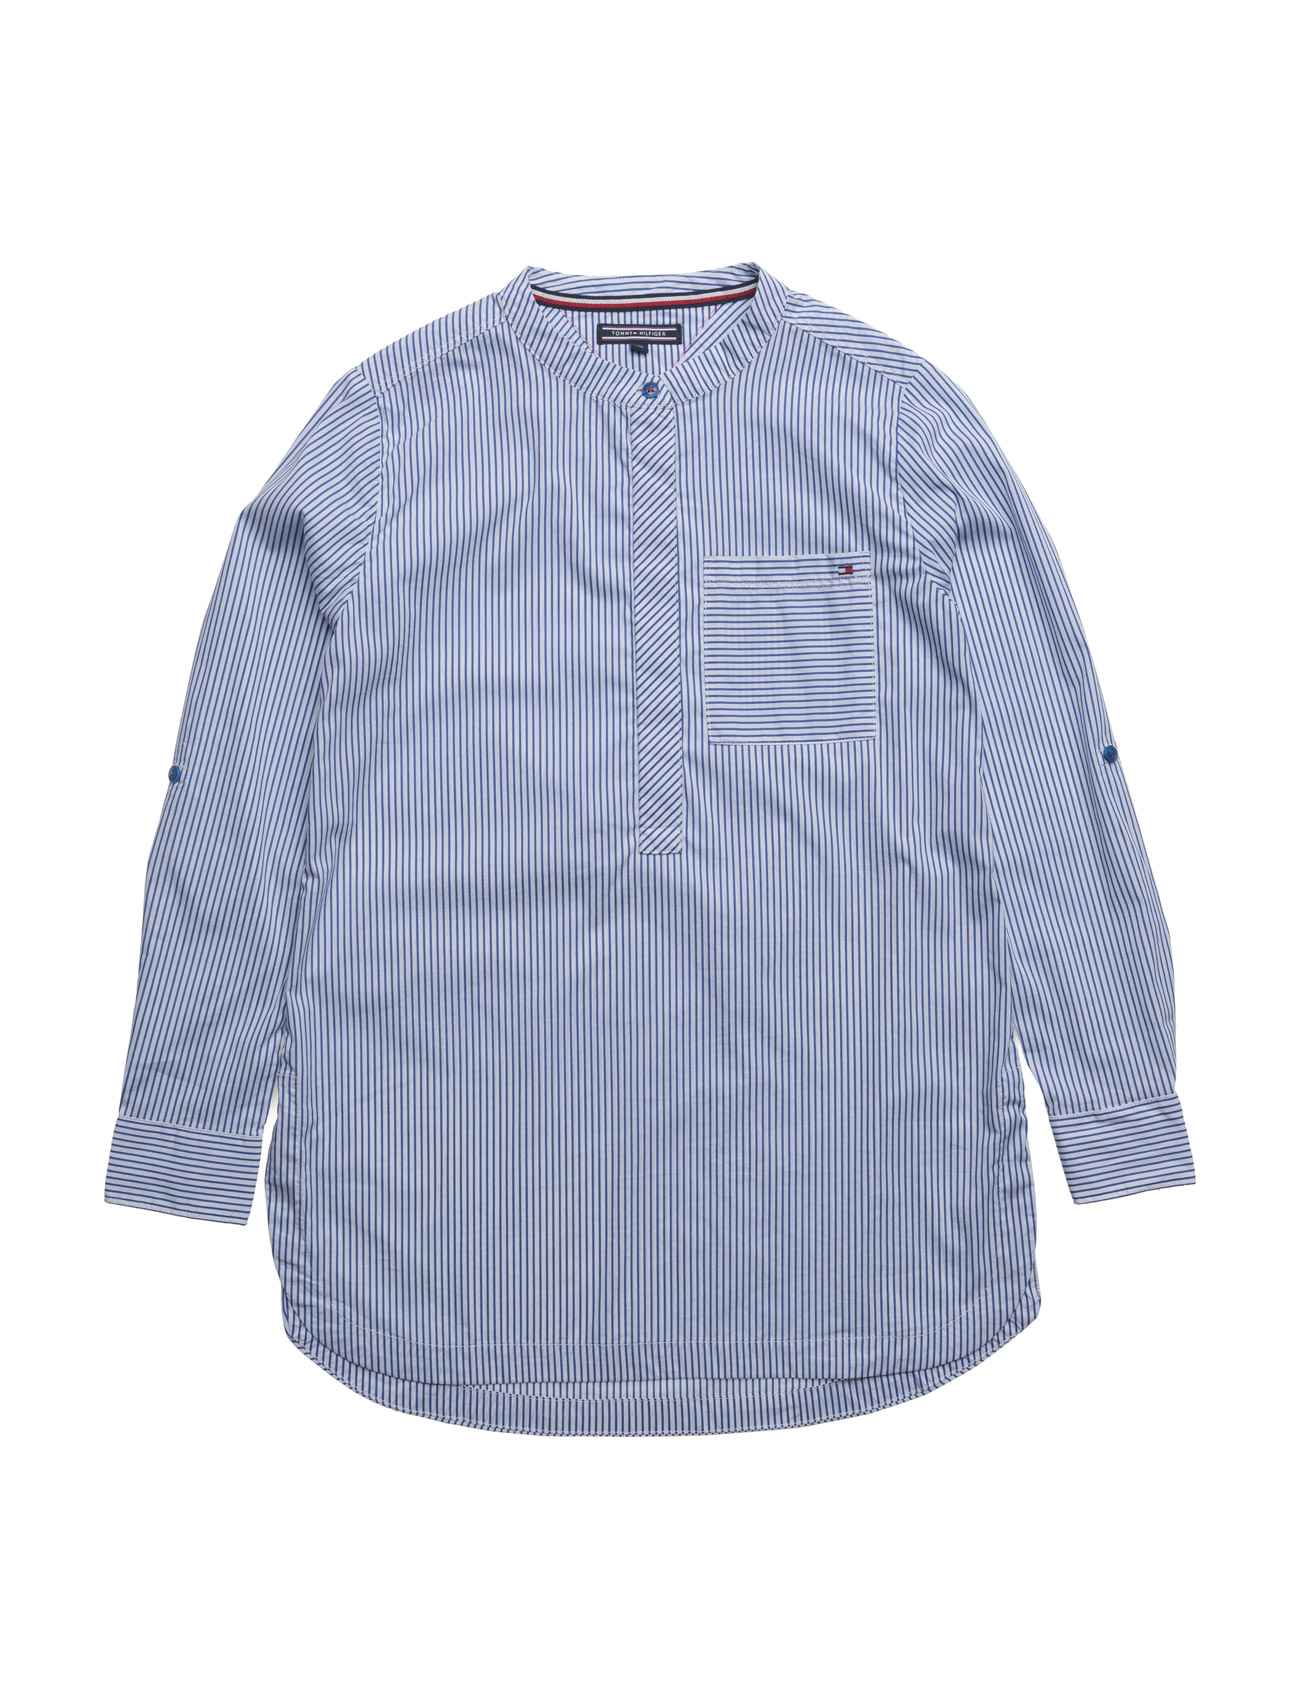 Ame stripe blouse l/s fra tommy hilfiger på boozt.com dk